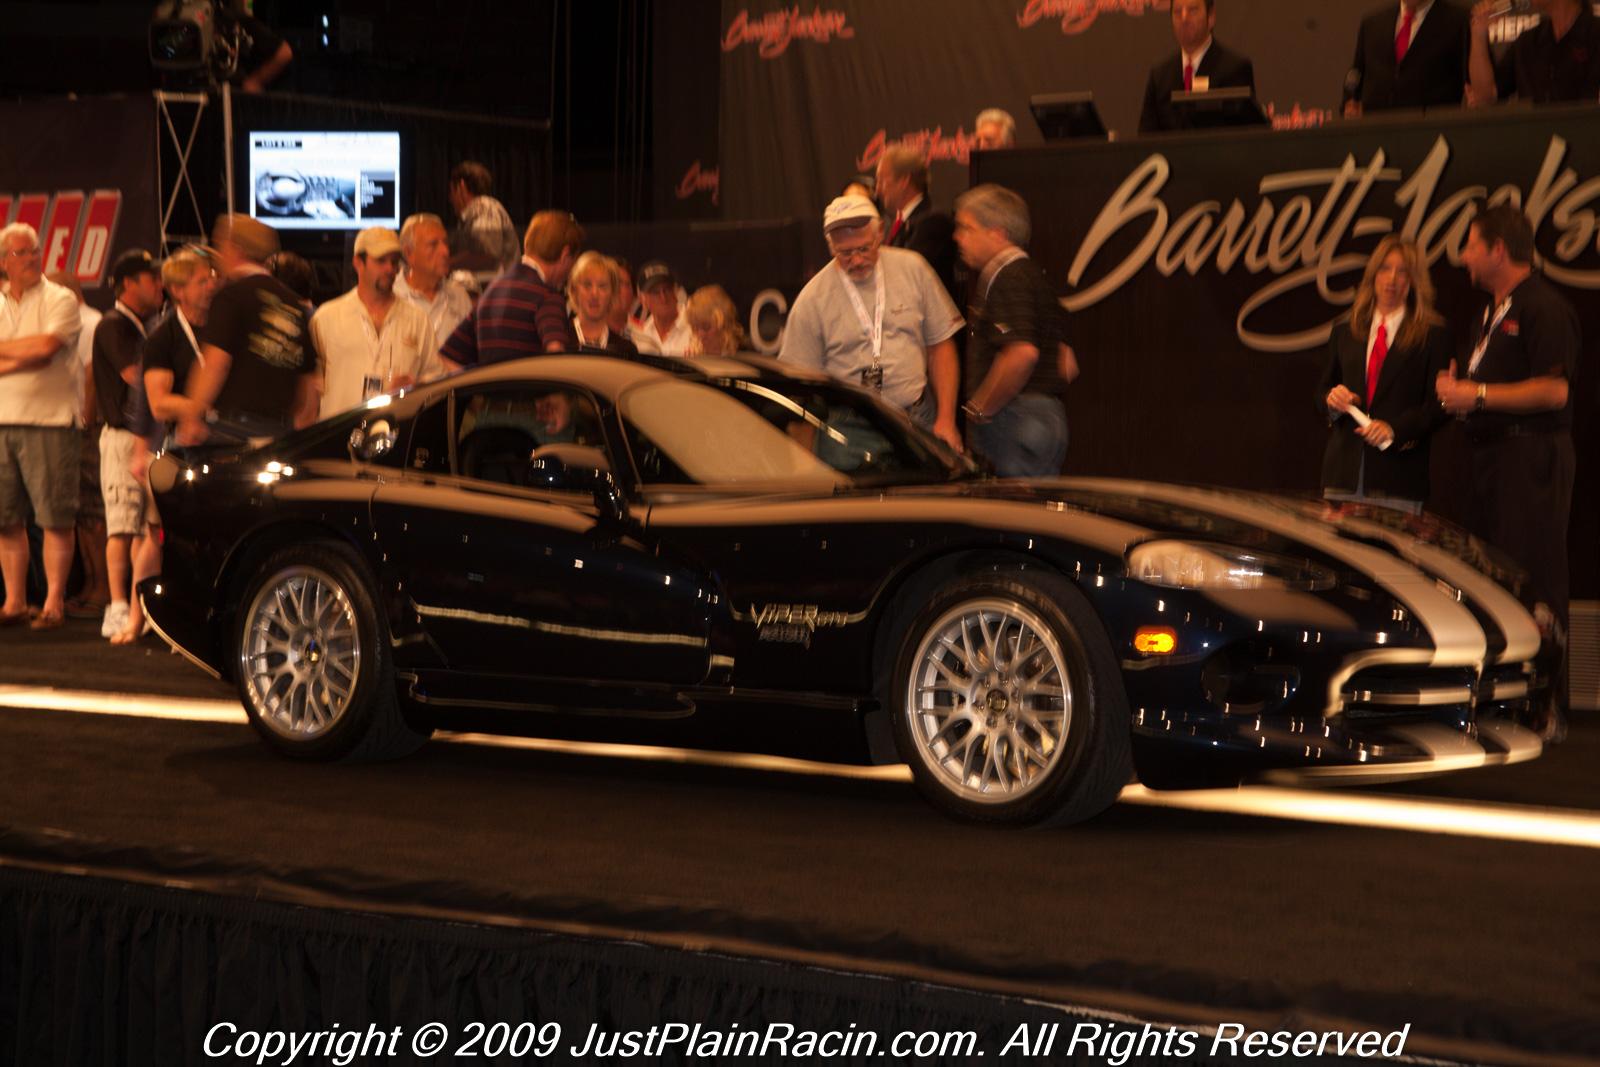 2009 10 09 NV - Barrett-Jackson 40.jpg